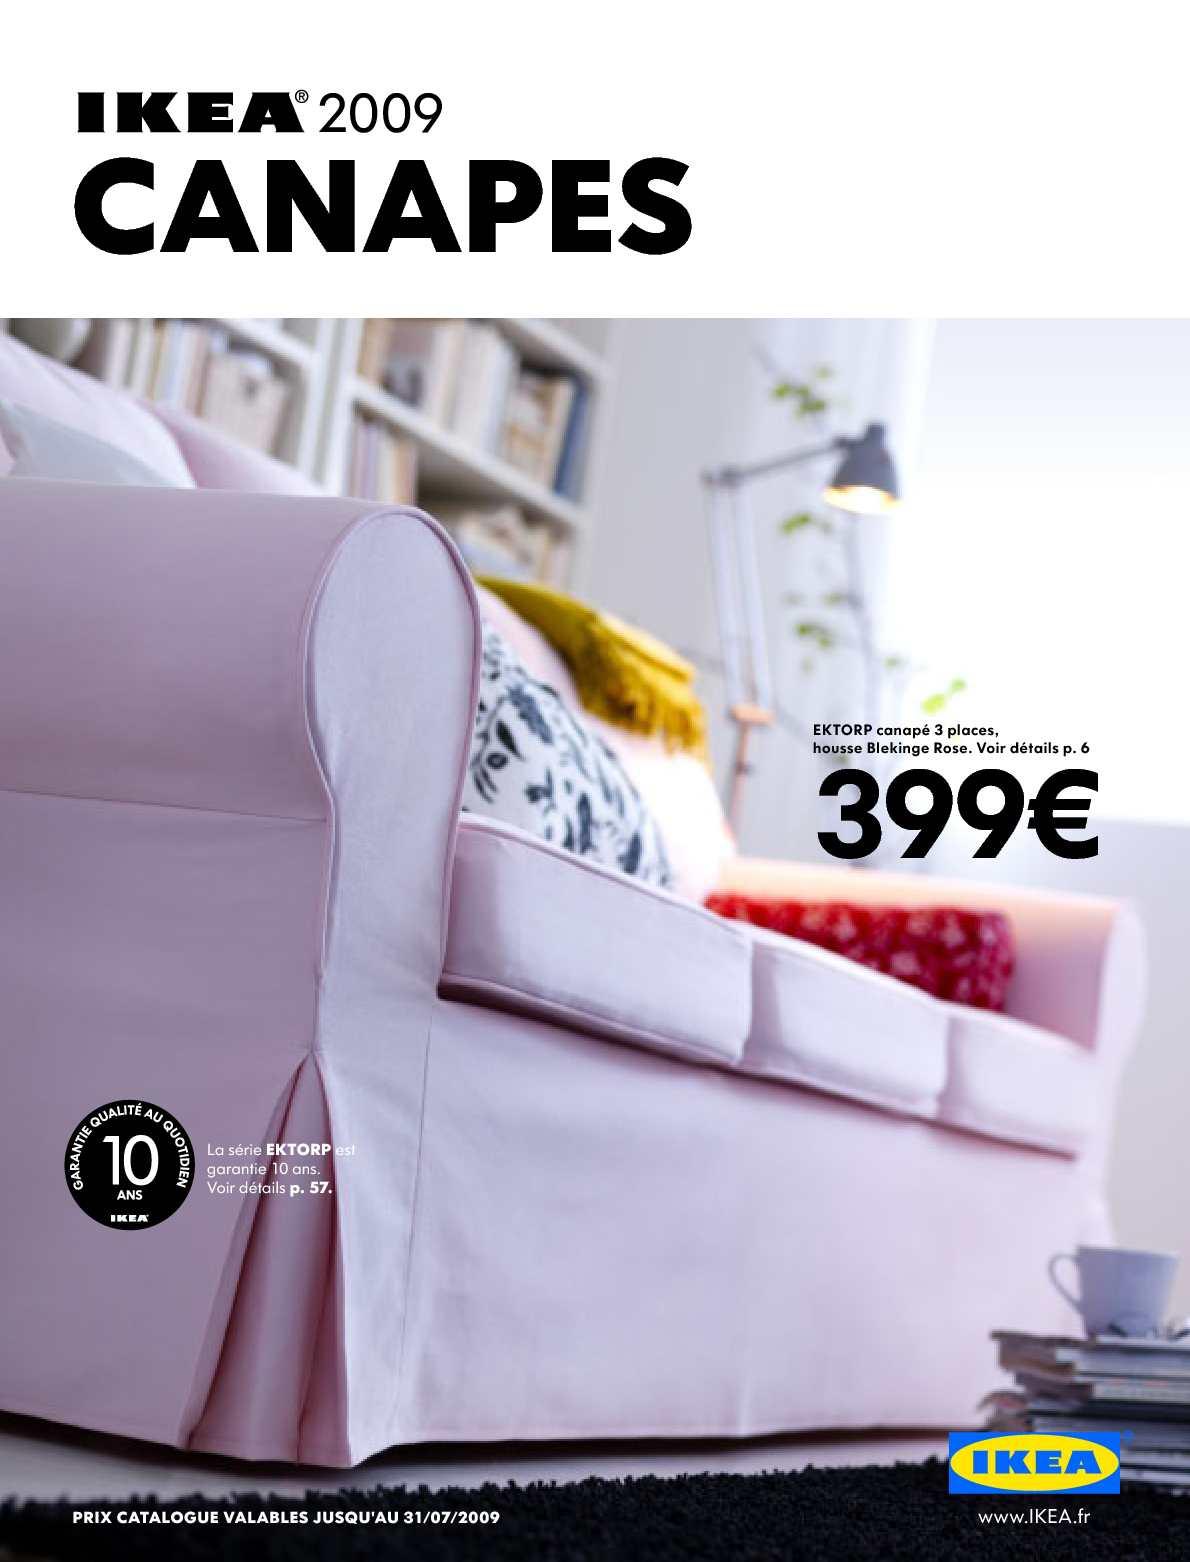 Calaméo Ikea 2009 Canapés Fr